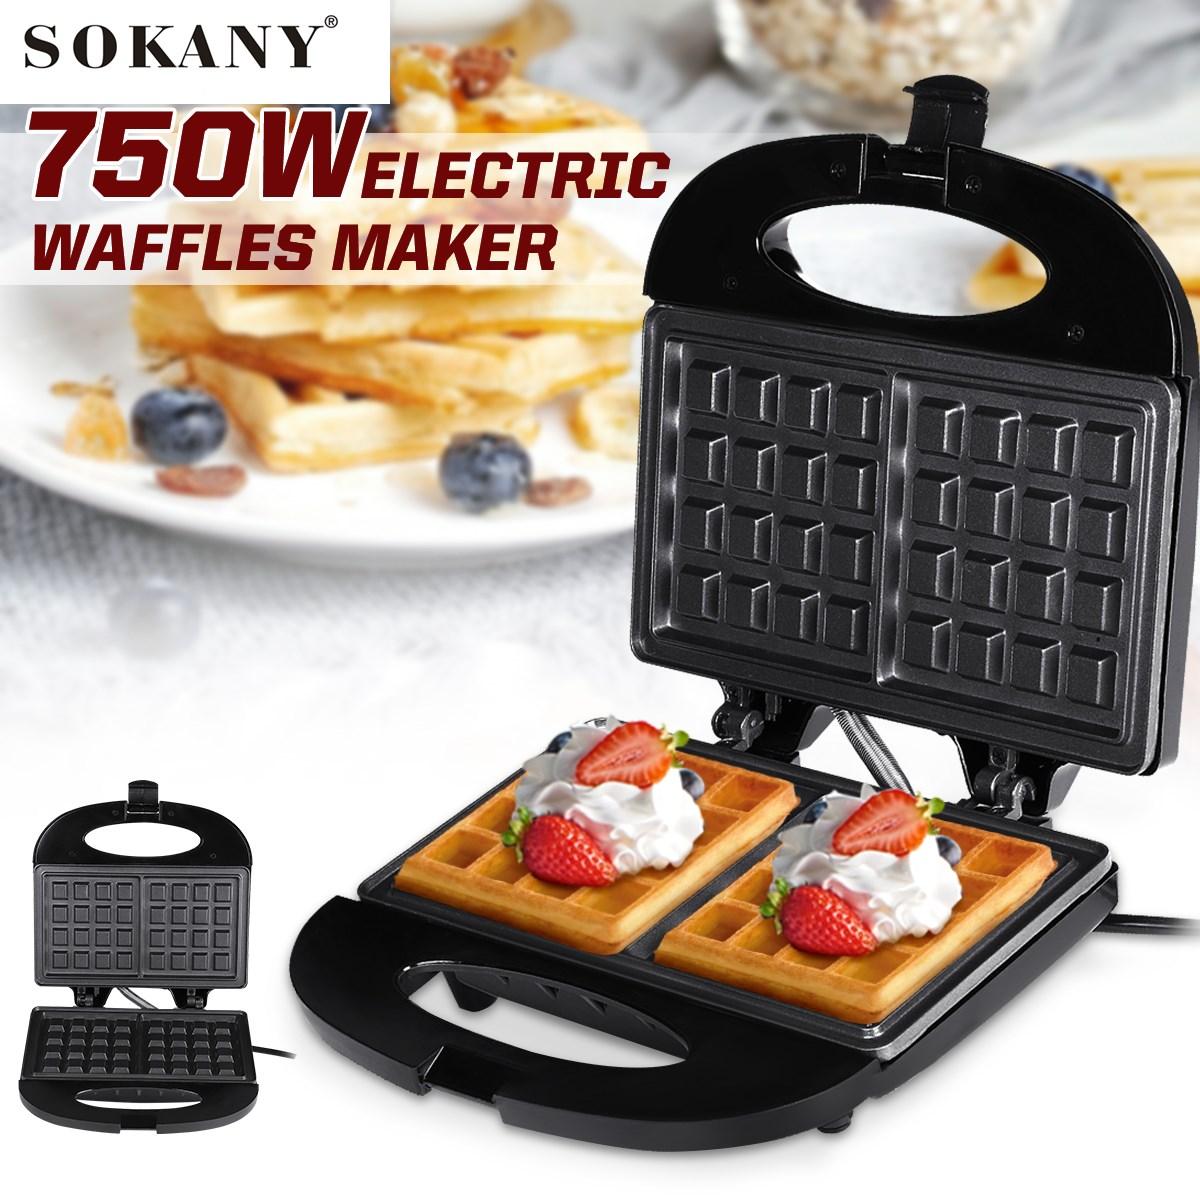 SOKANY 22x21x6 см вафельница для блинов мини вафельная машина электрическая машина для торта для блинов печенья с антипригарным покрытием